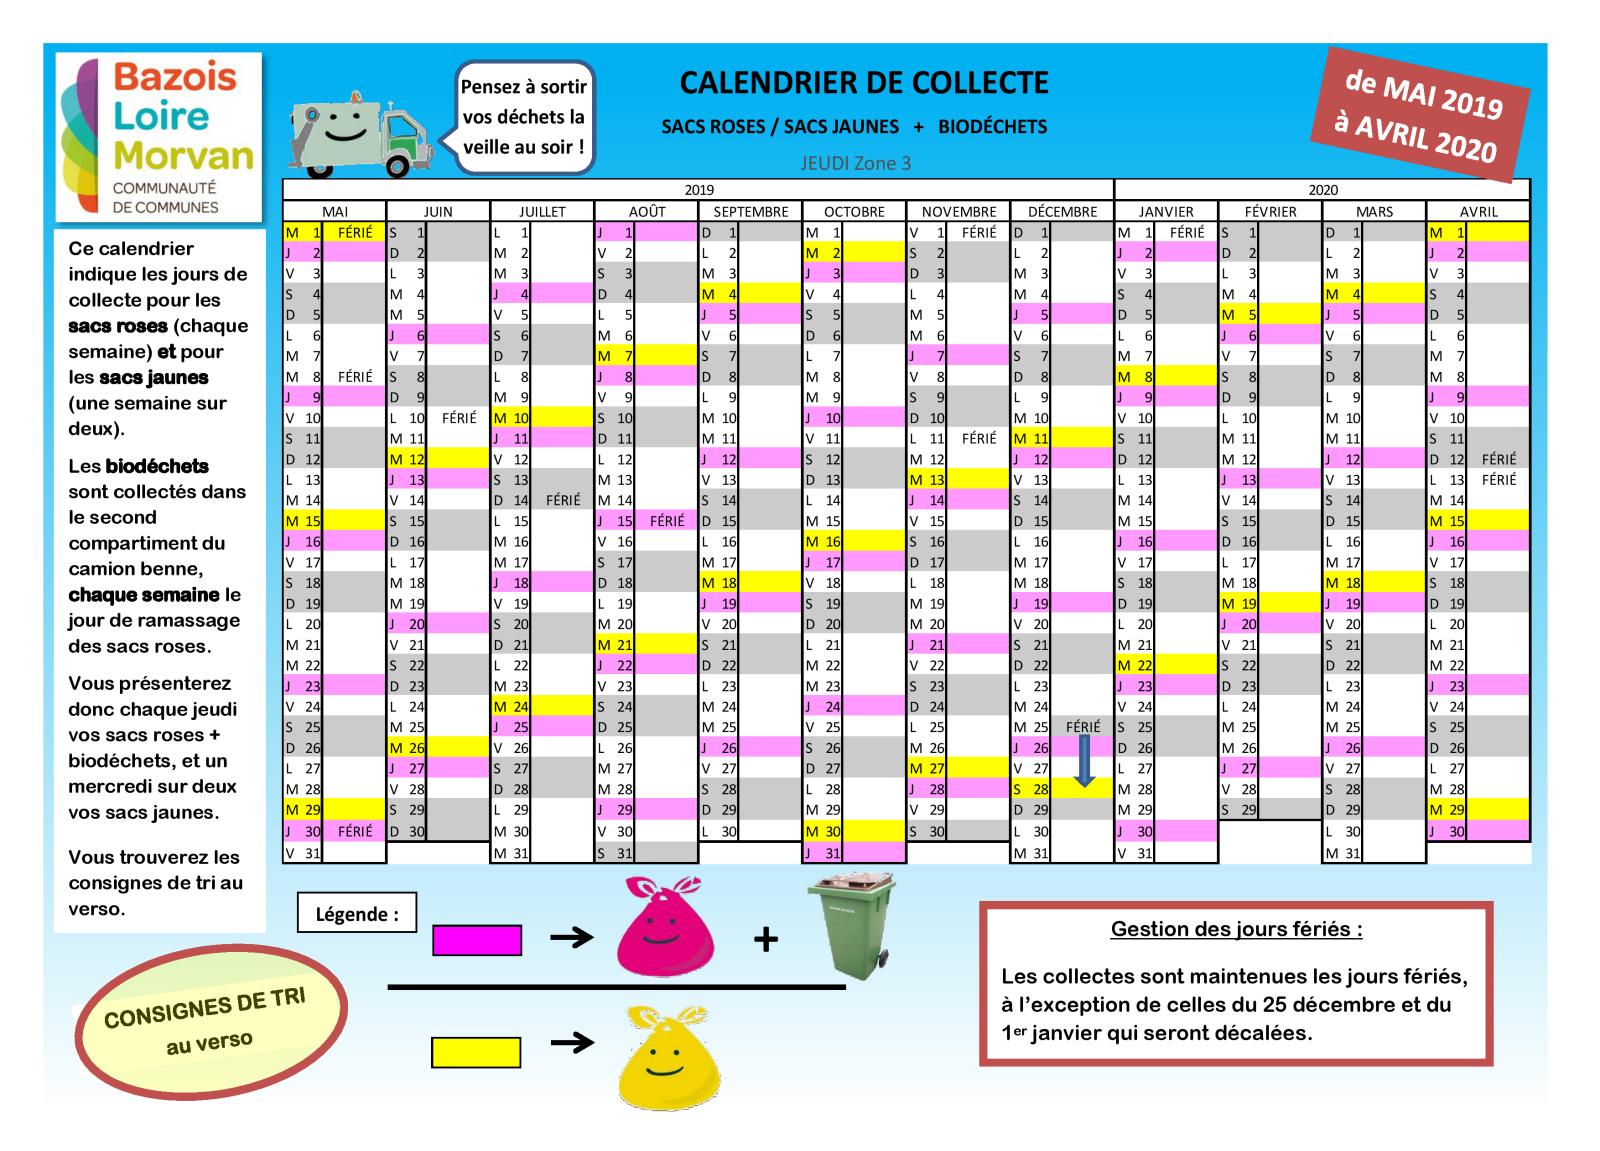 Calendrier Eboueur 2020.Dechets Et Tri Cercy La Tour